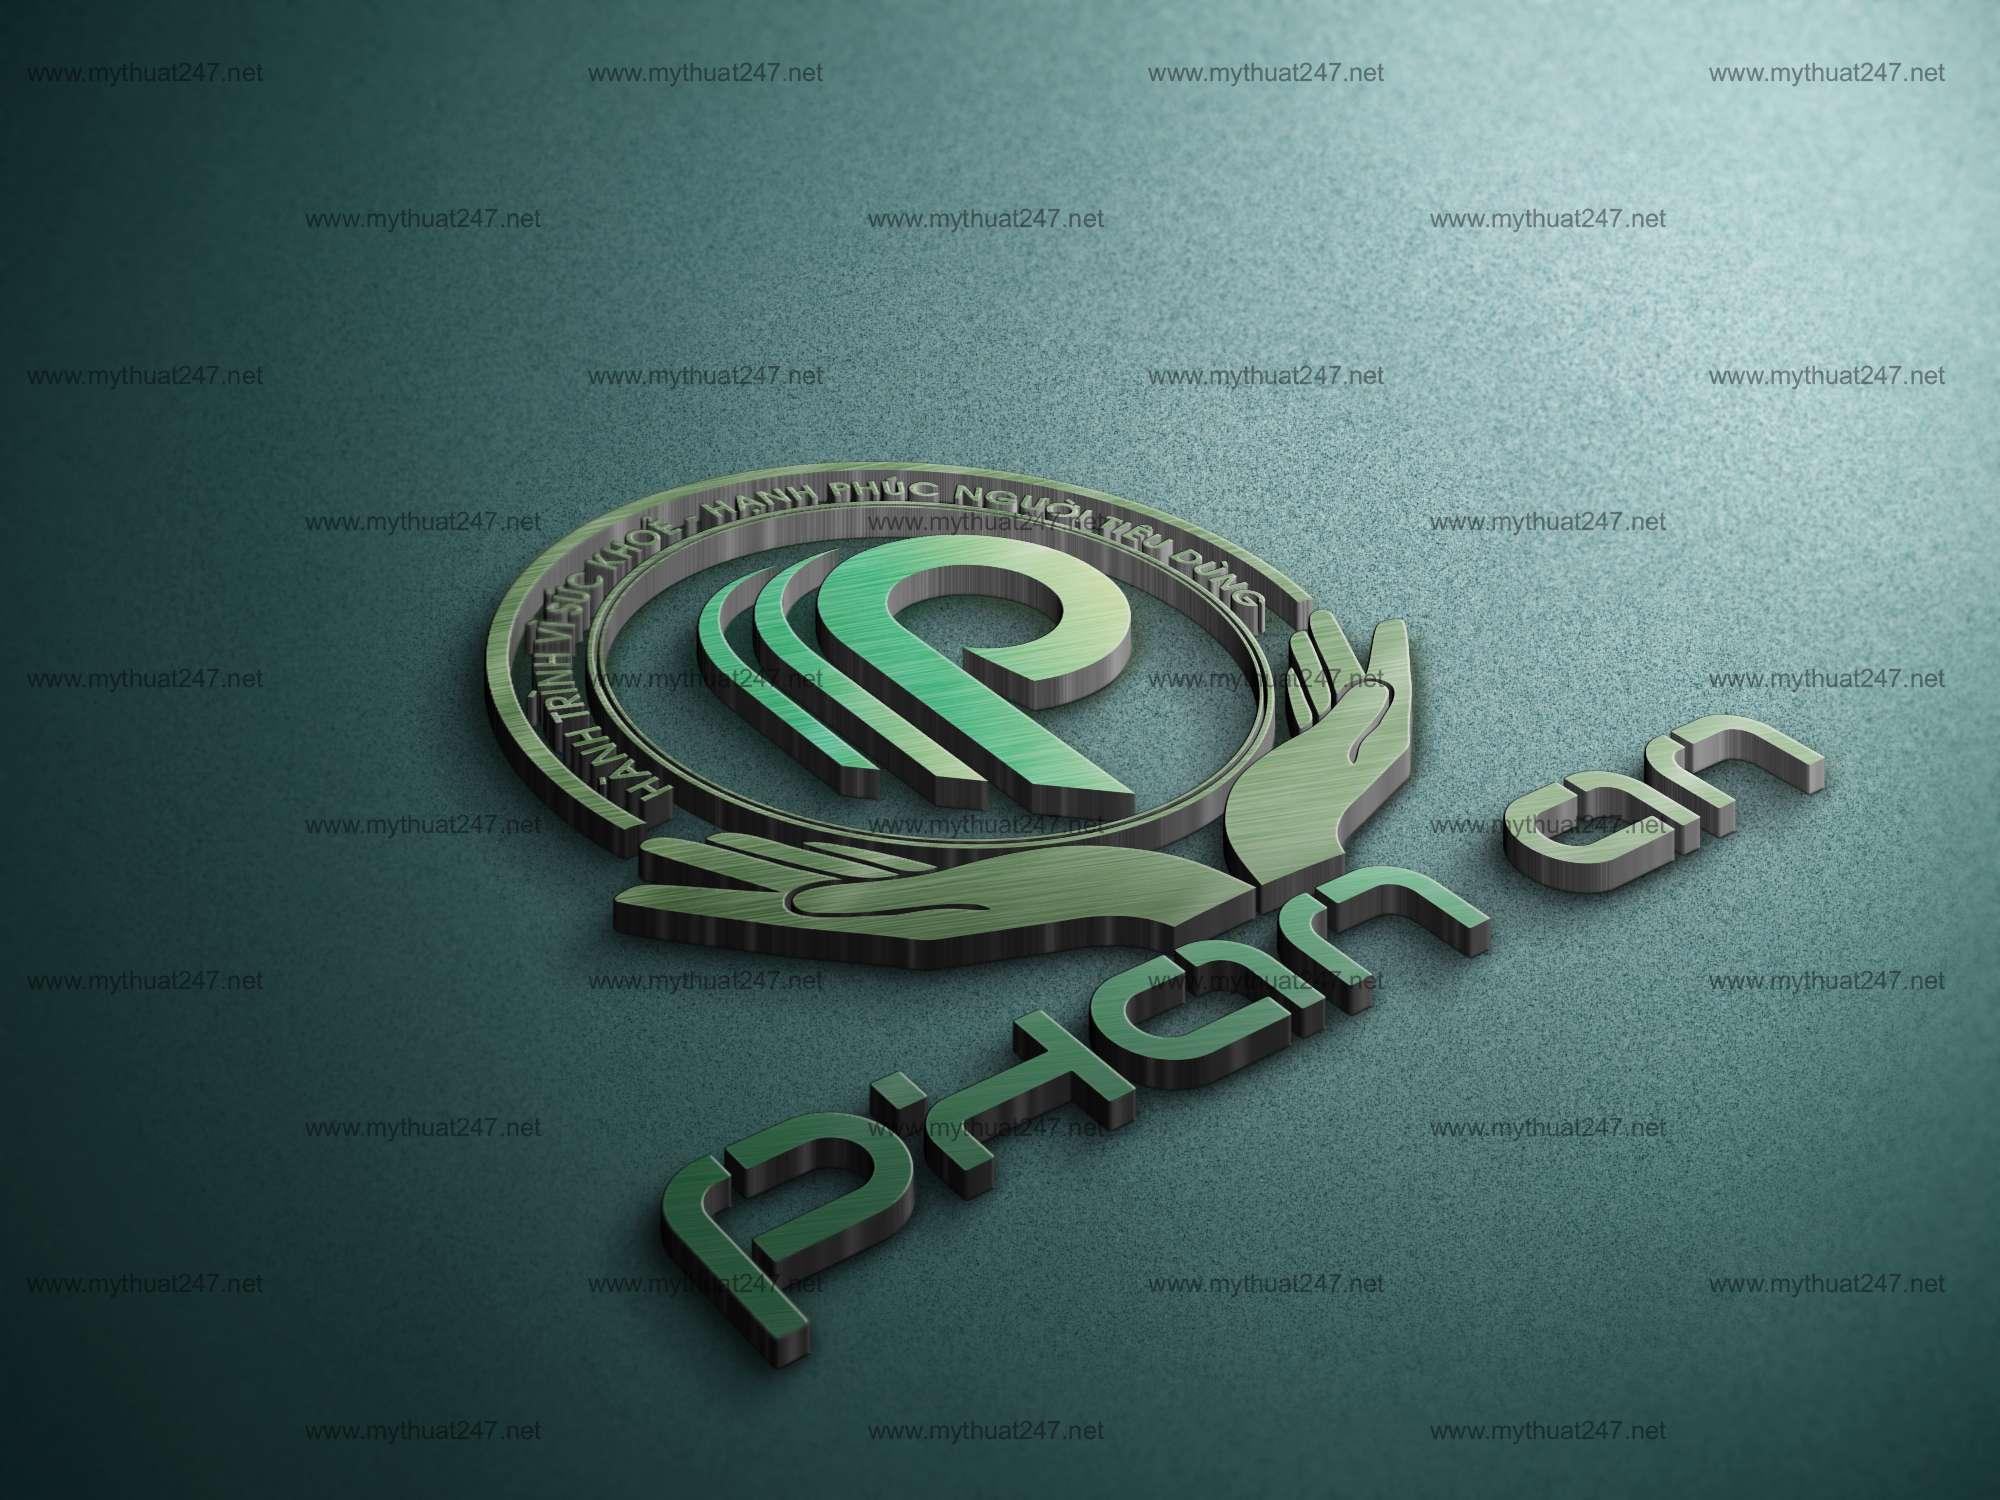 Thiết kế logo công ty tnhh nông sản sạch phan an đăk nông